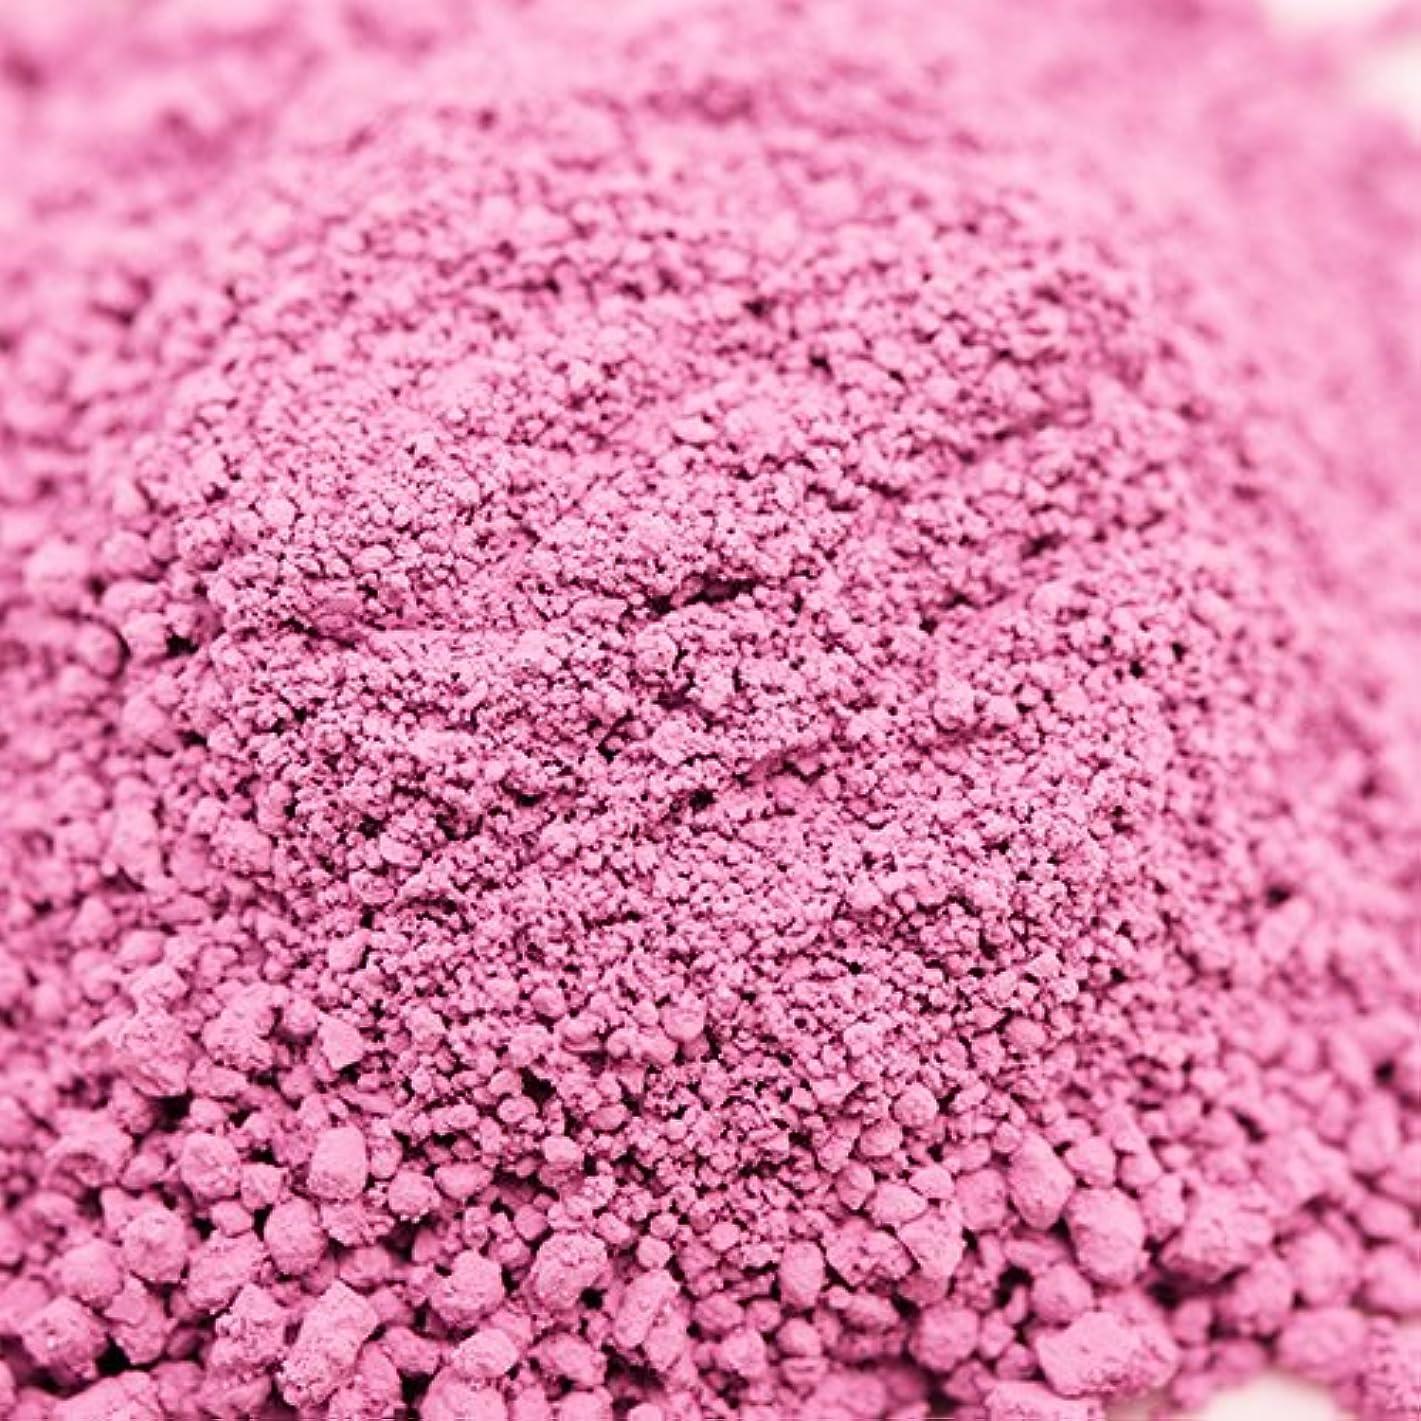 アクセシブル入場料浴室ウルトラマリン ピンク 5g 【手作り石鹸/手作りコスメ/色付け/カラーラント】